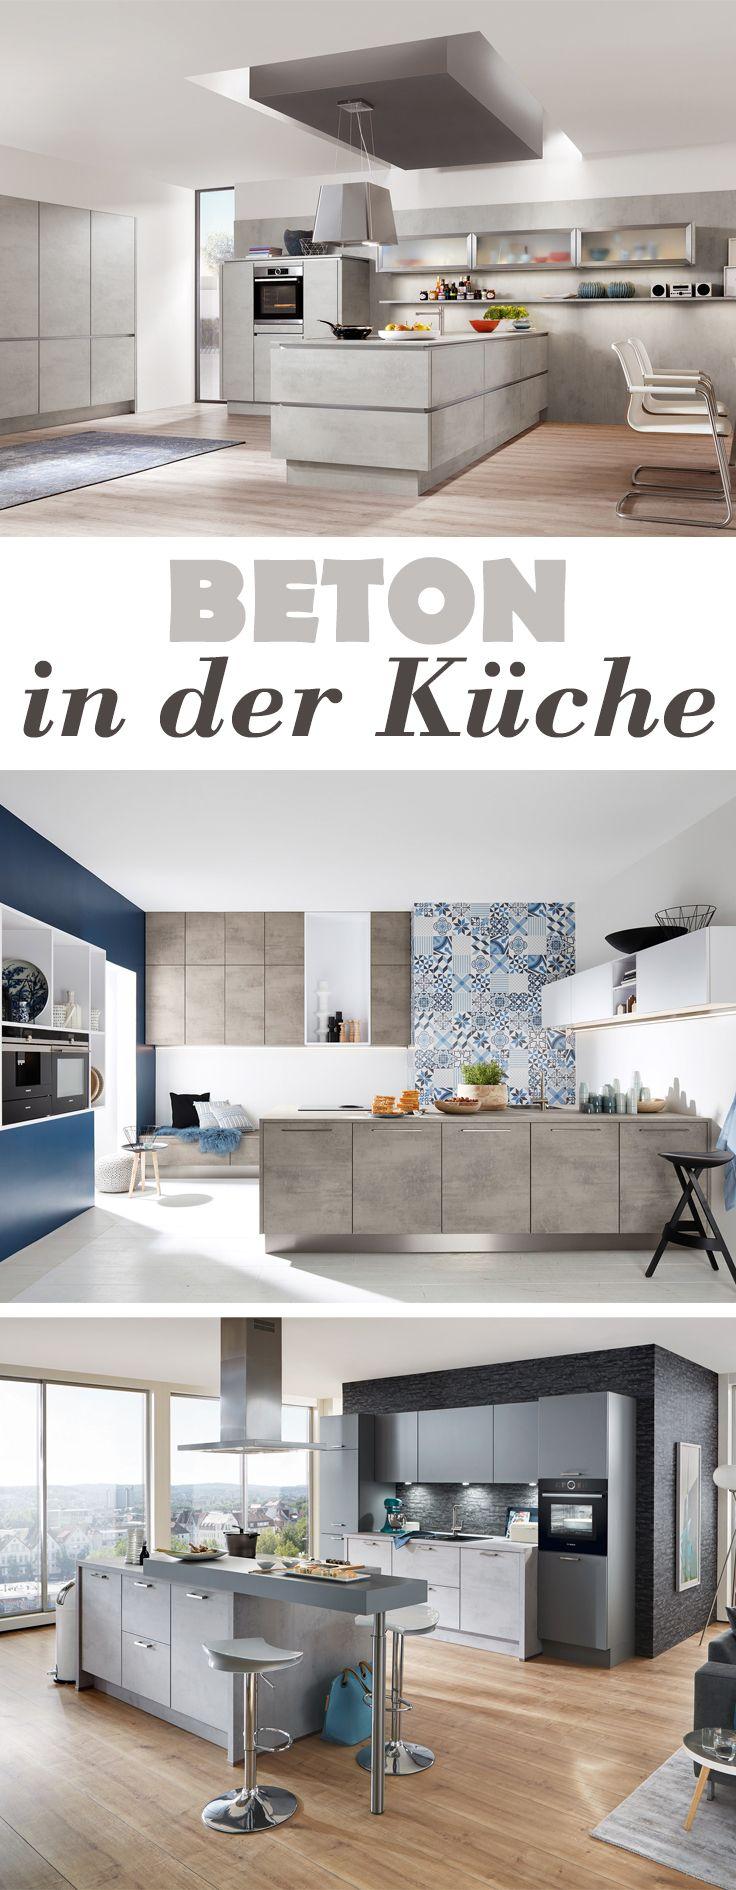 29 best Betonküche - Küchen aus Beton images on Pinterest | Kitchen ...